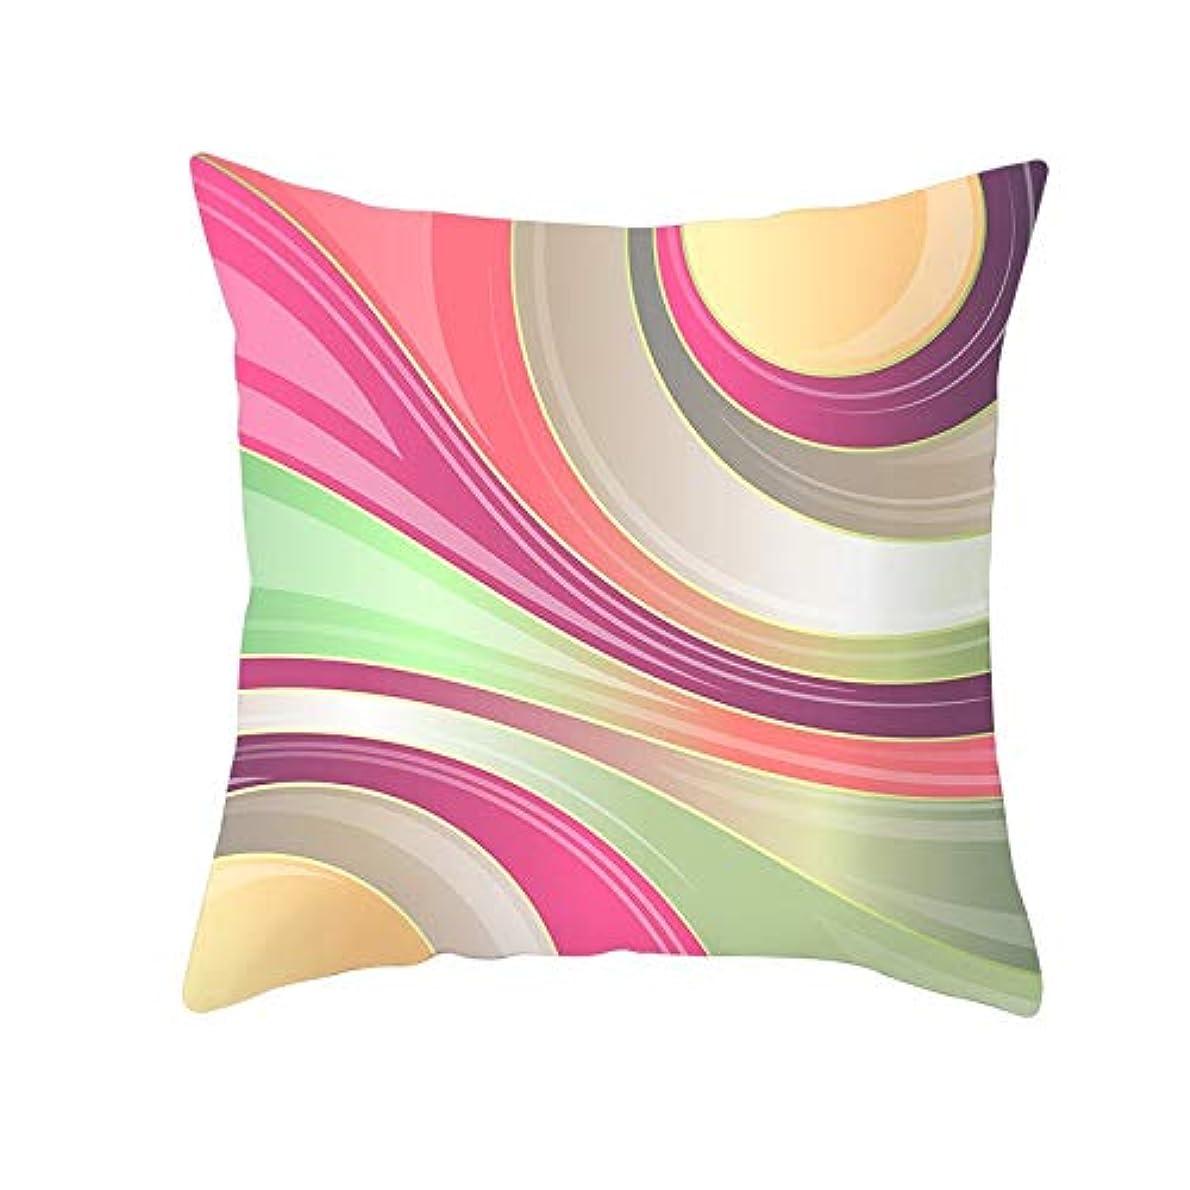 ブルジョン技術アパートLIFE 装飾クッションソファ 幾何学プリントポリエステル正方形の枕ソファスロークッション家の装飾 coussin デ長椅子 クッション 椅子